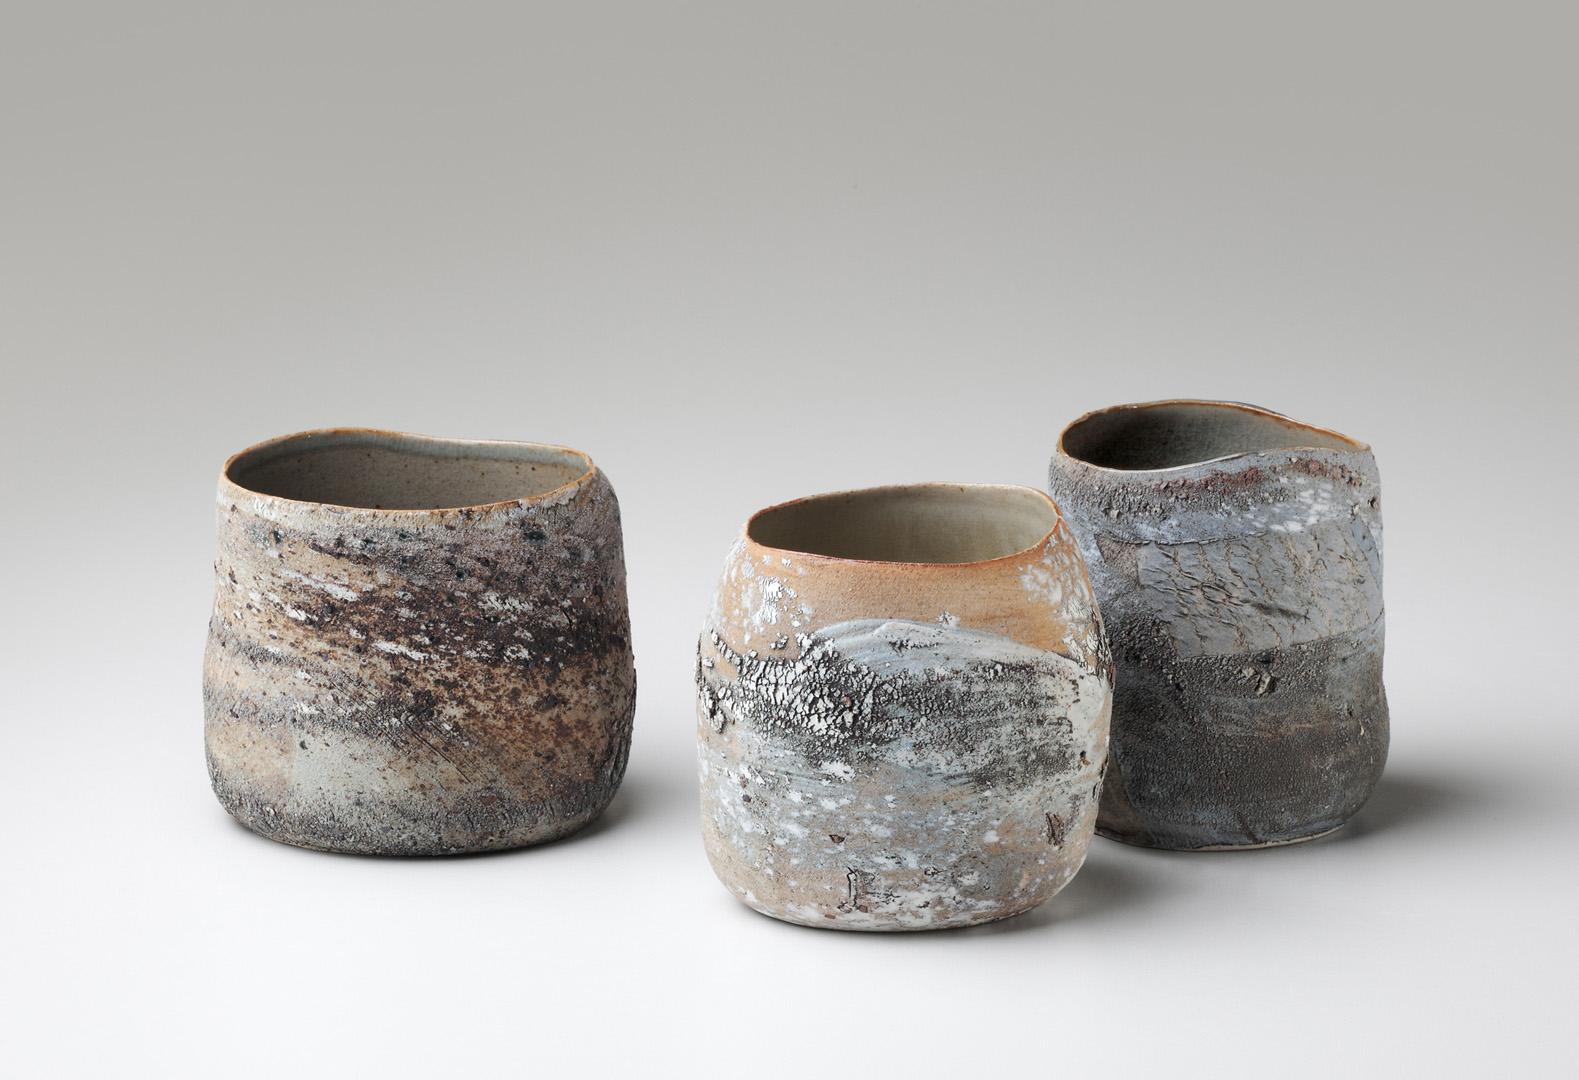 3 Steinzeuggefäße, gedreht, innen glasiert, bei 1300° C reduzierend gebrannt, 2008; Höhe 9-11 cm, Durchmesser 9-12 cm